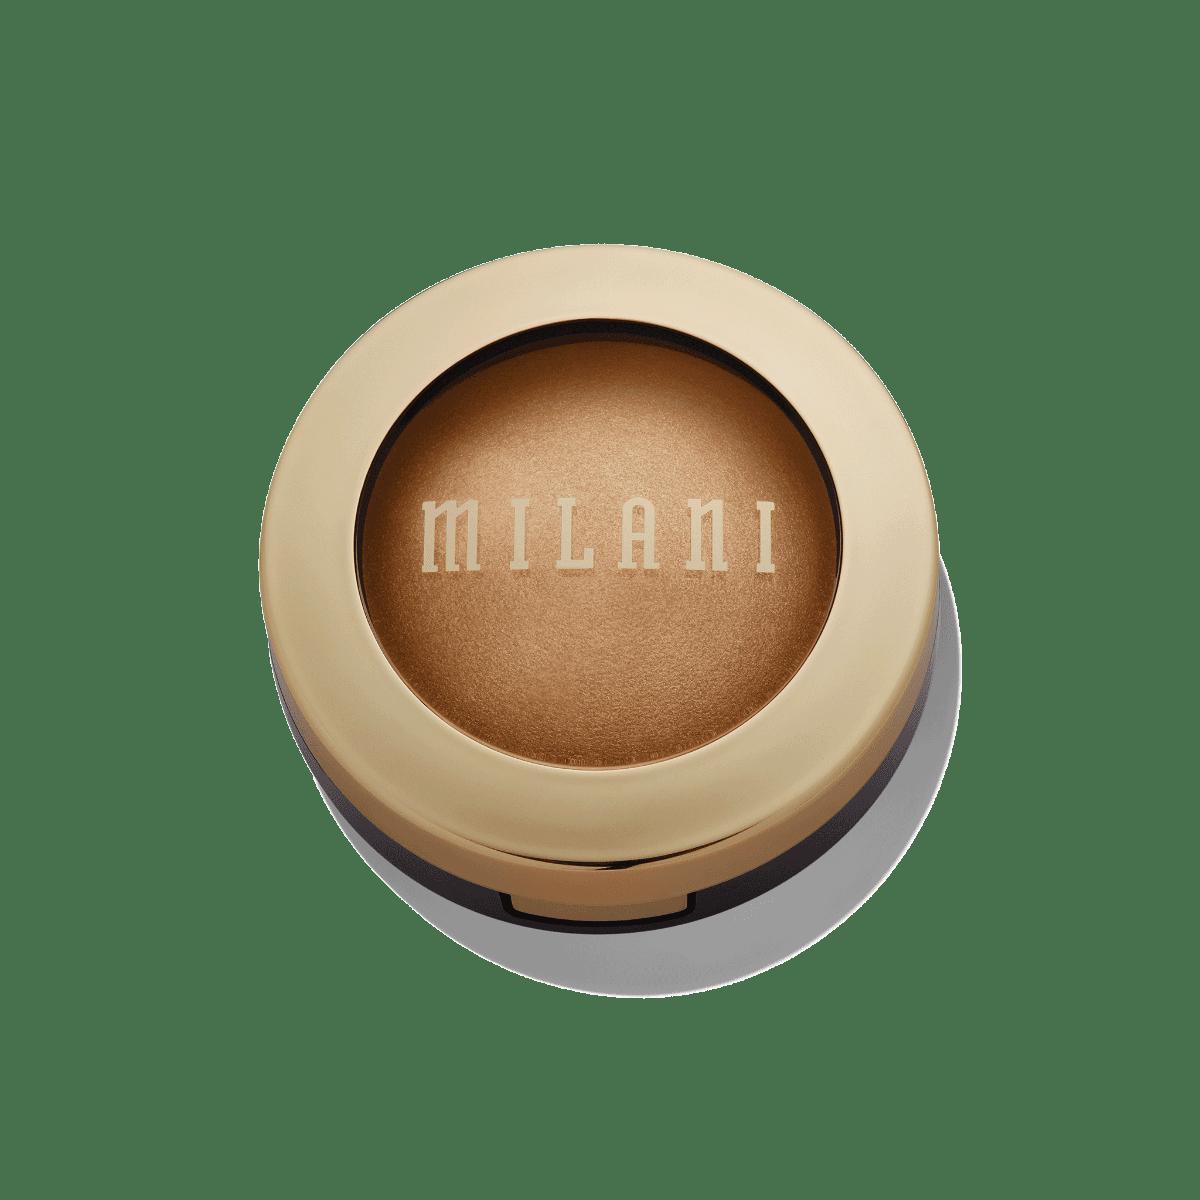 Baked Highlighter - Bronze Splendore 140